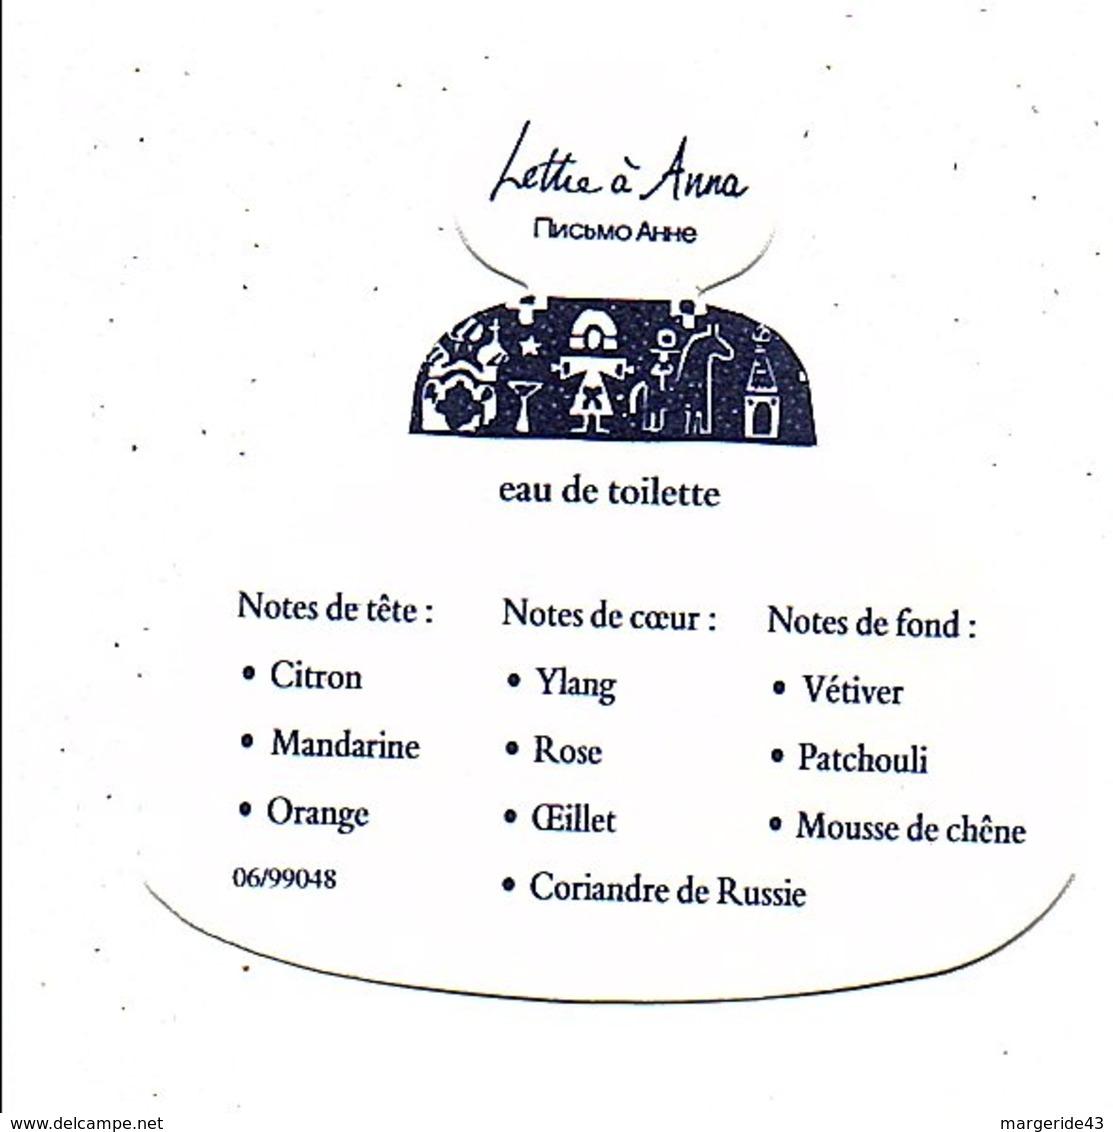 PUB PARFUM LETTRE A ANNA - Perfume Cards